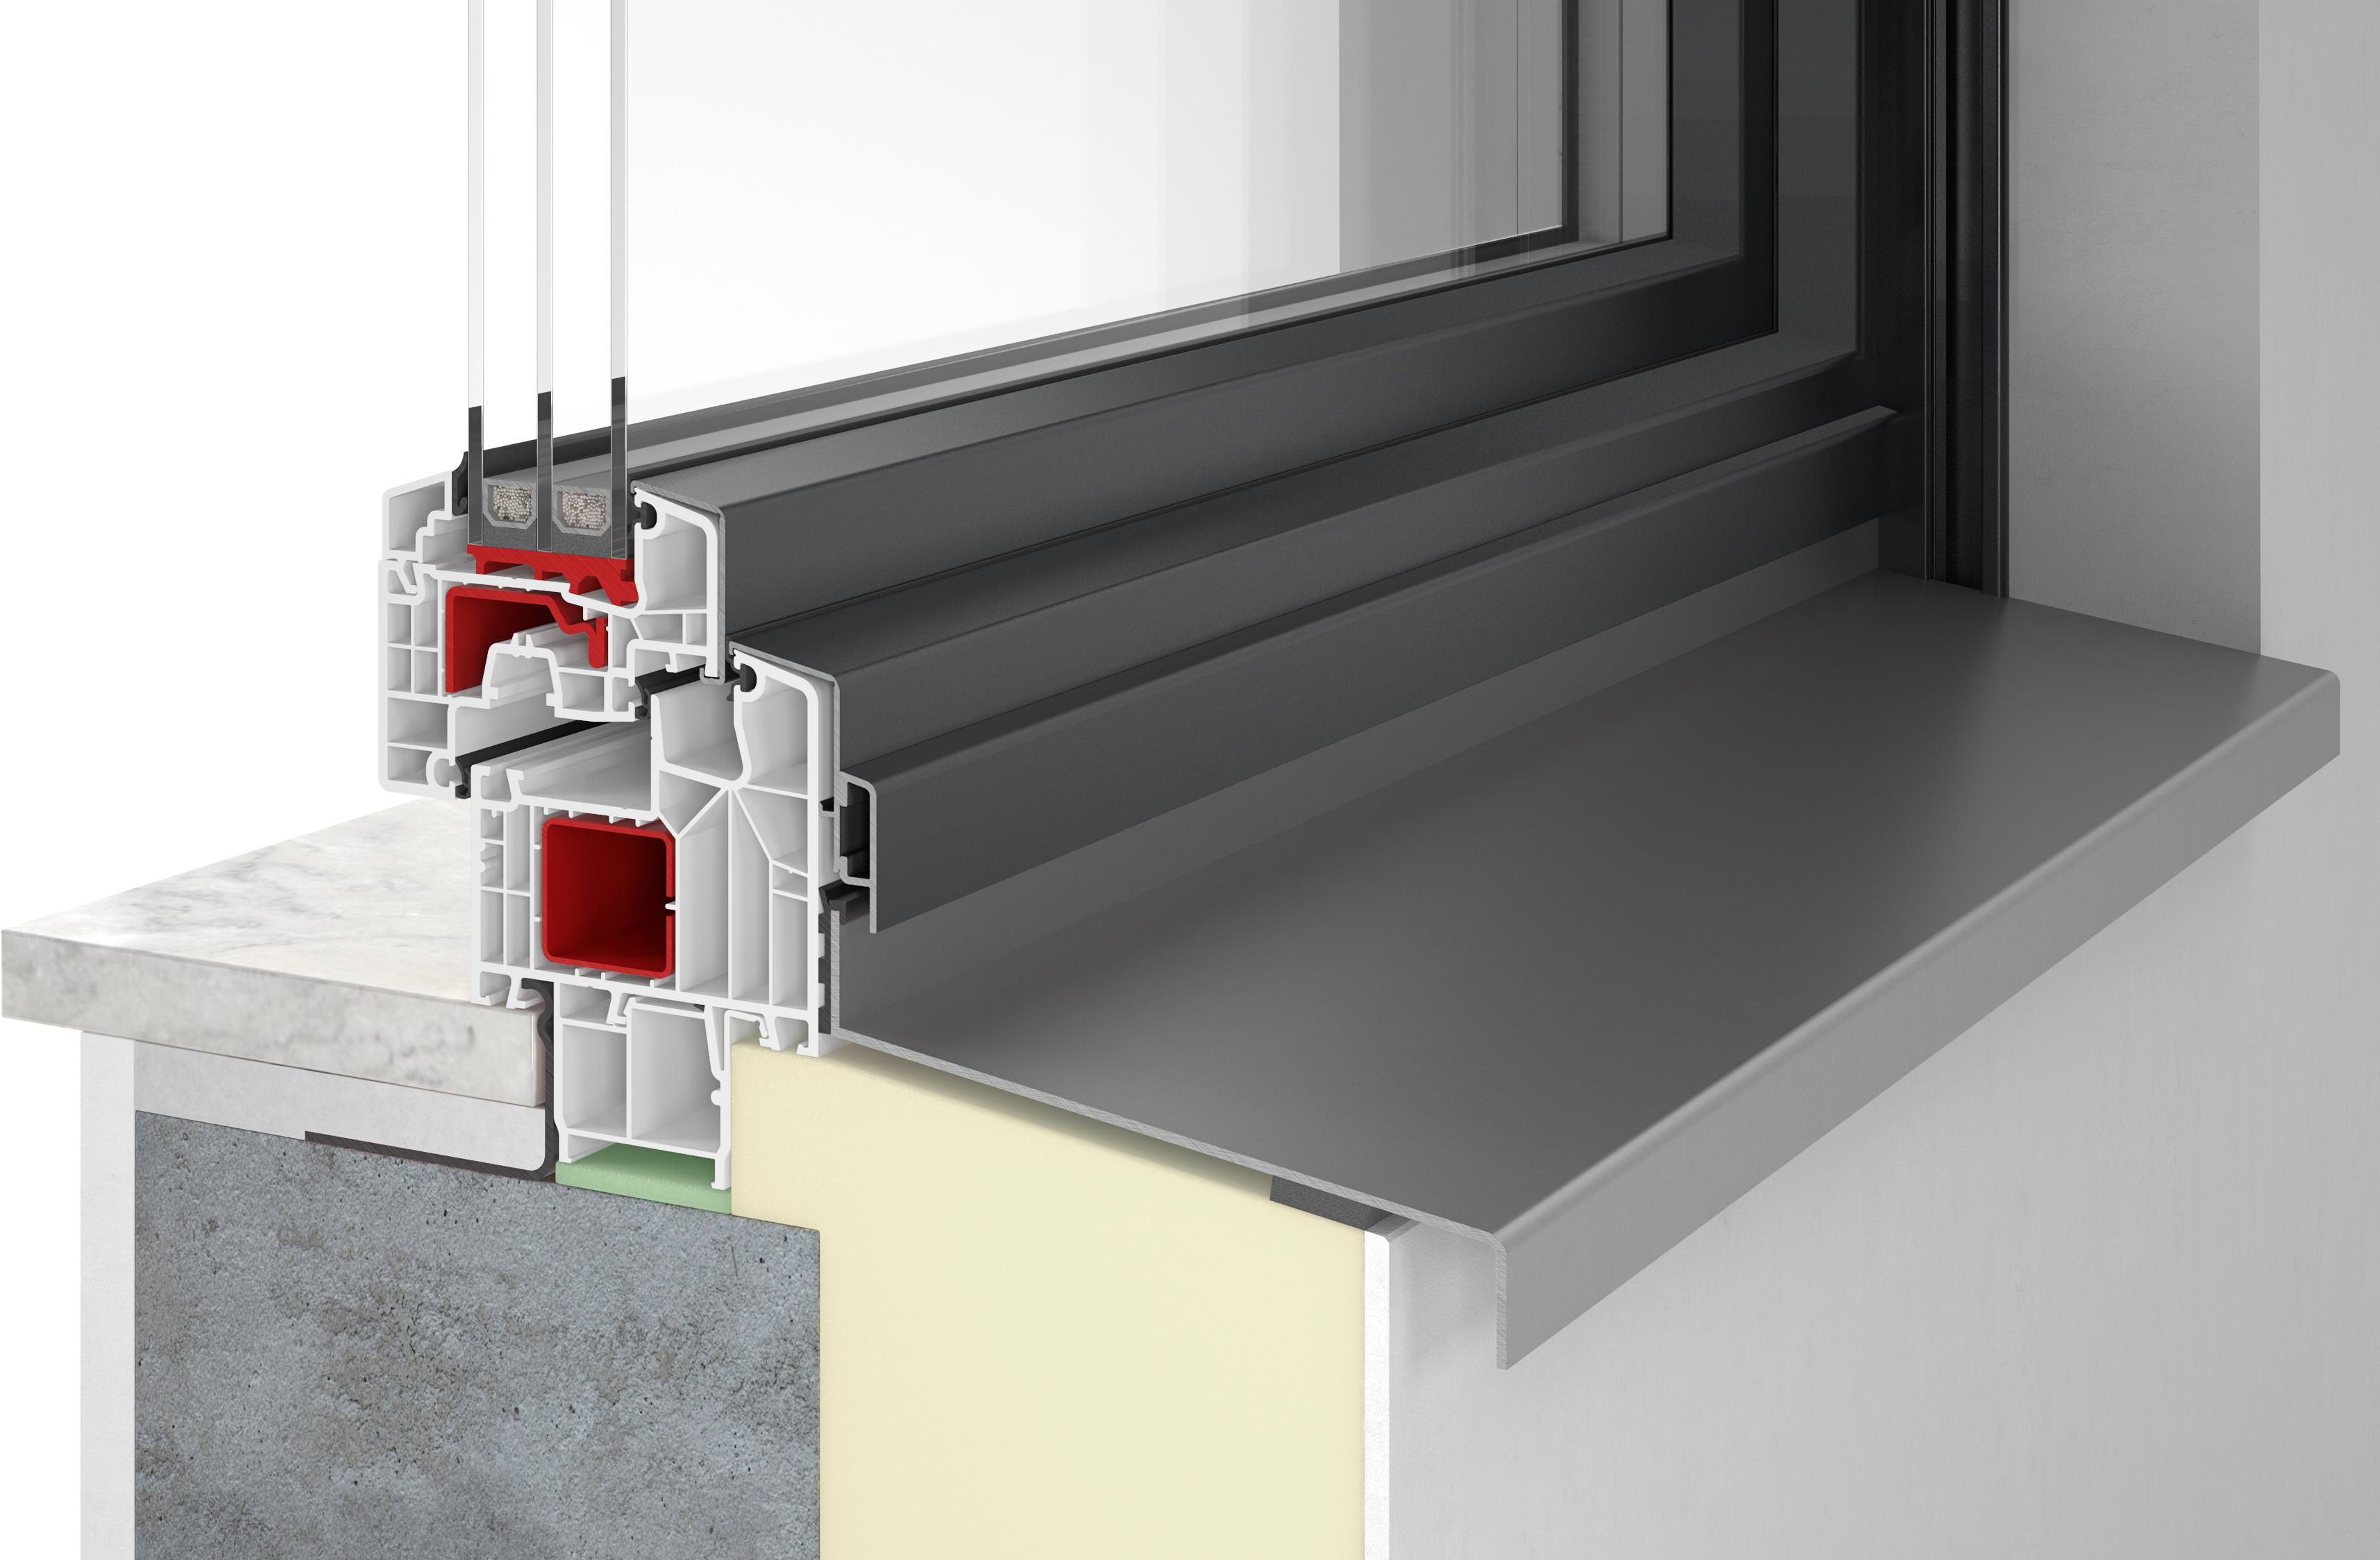 kunststoff alu fenster mit schlanken ansichtsbreiten la aluplast. Black Bedroom Furniture Sets. Home Design Ideas